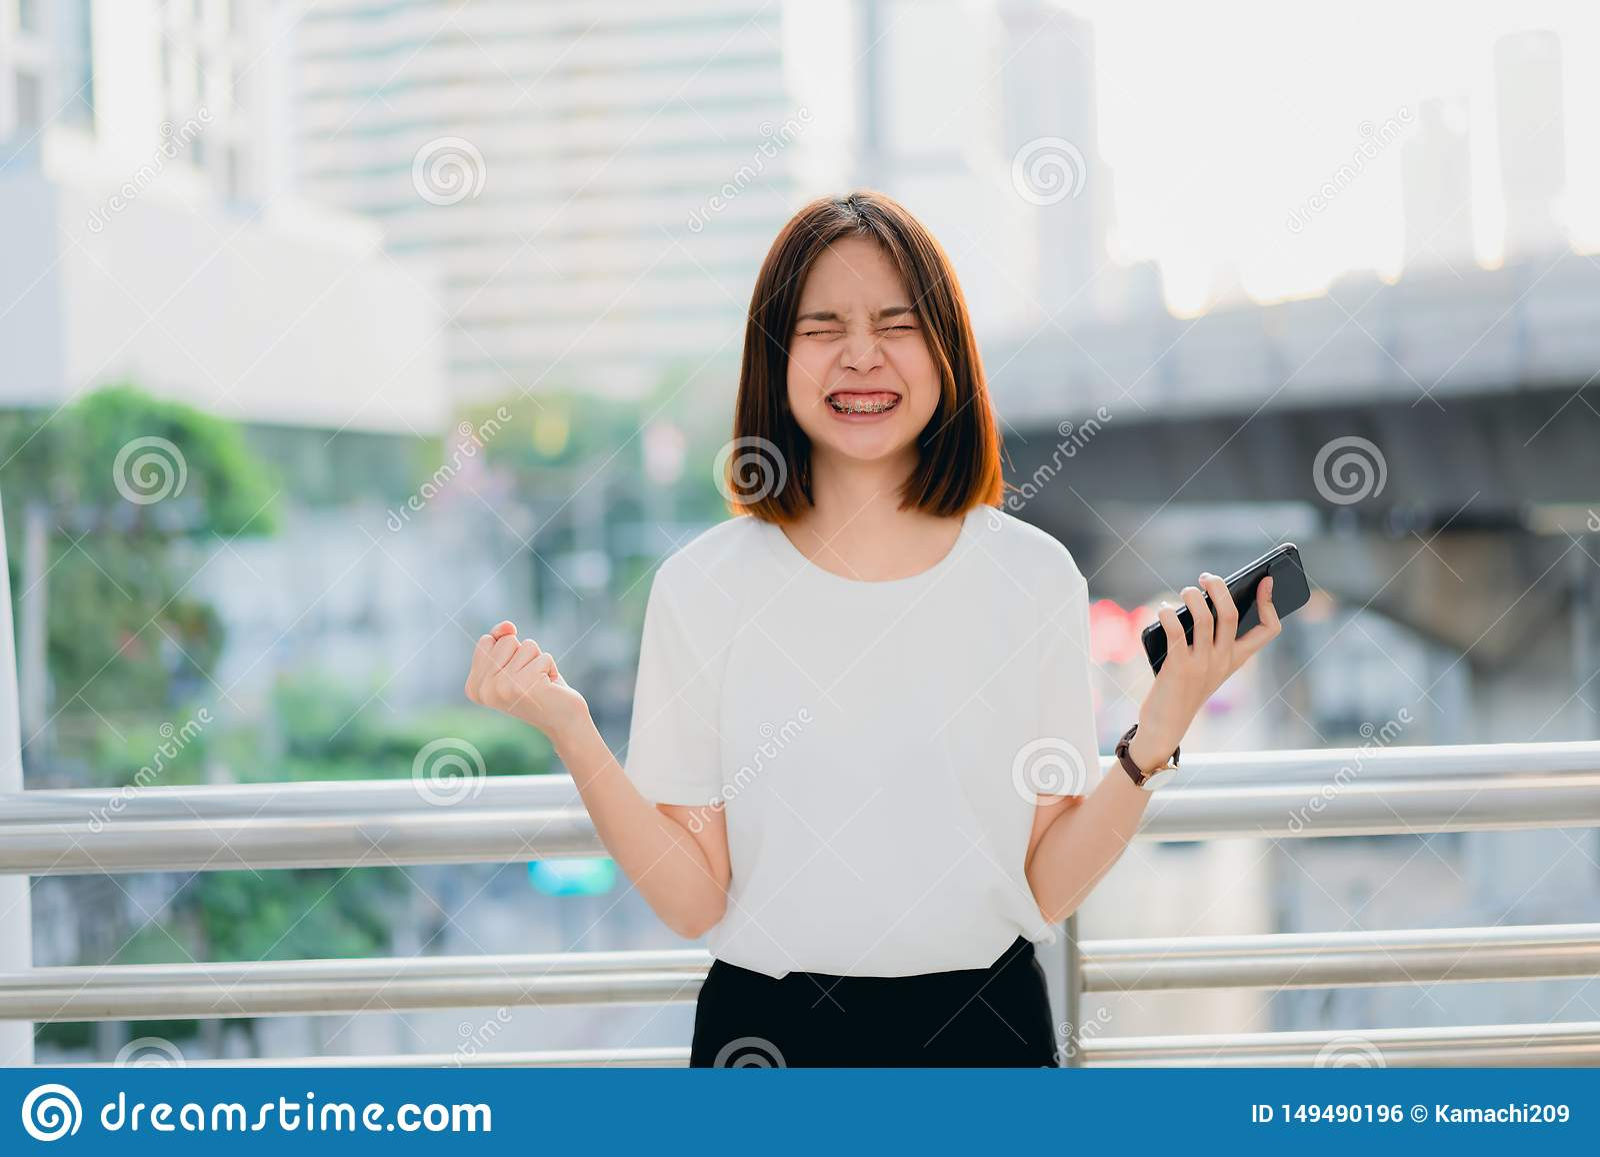 使用智能手机的妇女,在悠闲时间 使用电话的概念